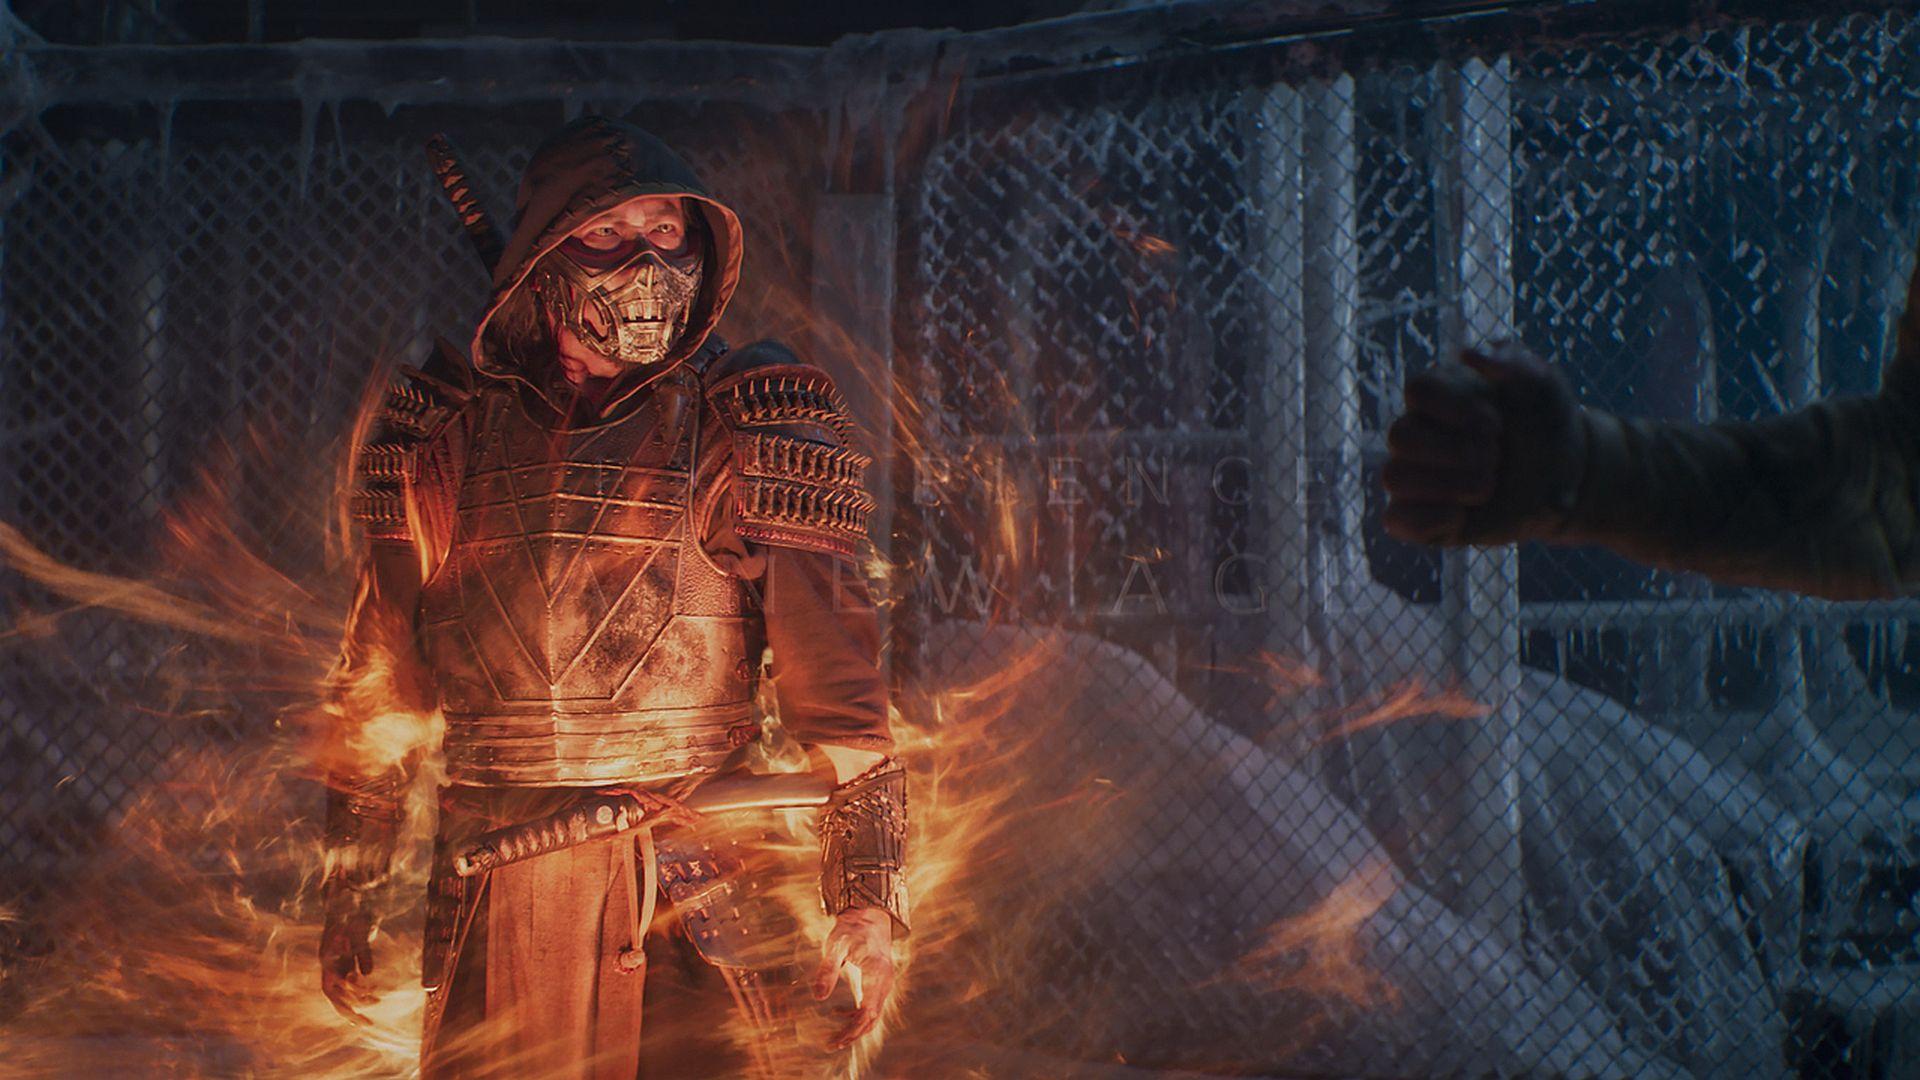 От актеров Marvel и DC до звезд Скорсезе и Бодрова: Кто играет в экранизации игры «Mortal Kombat»